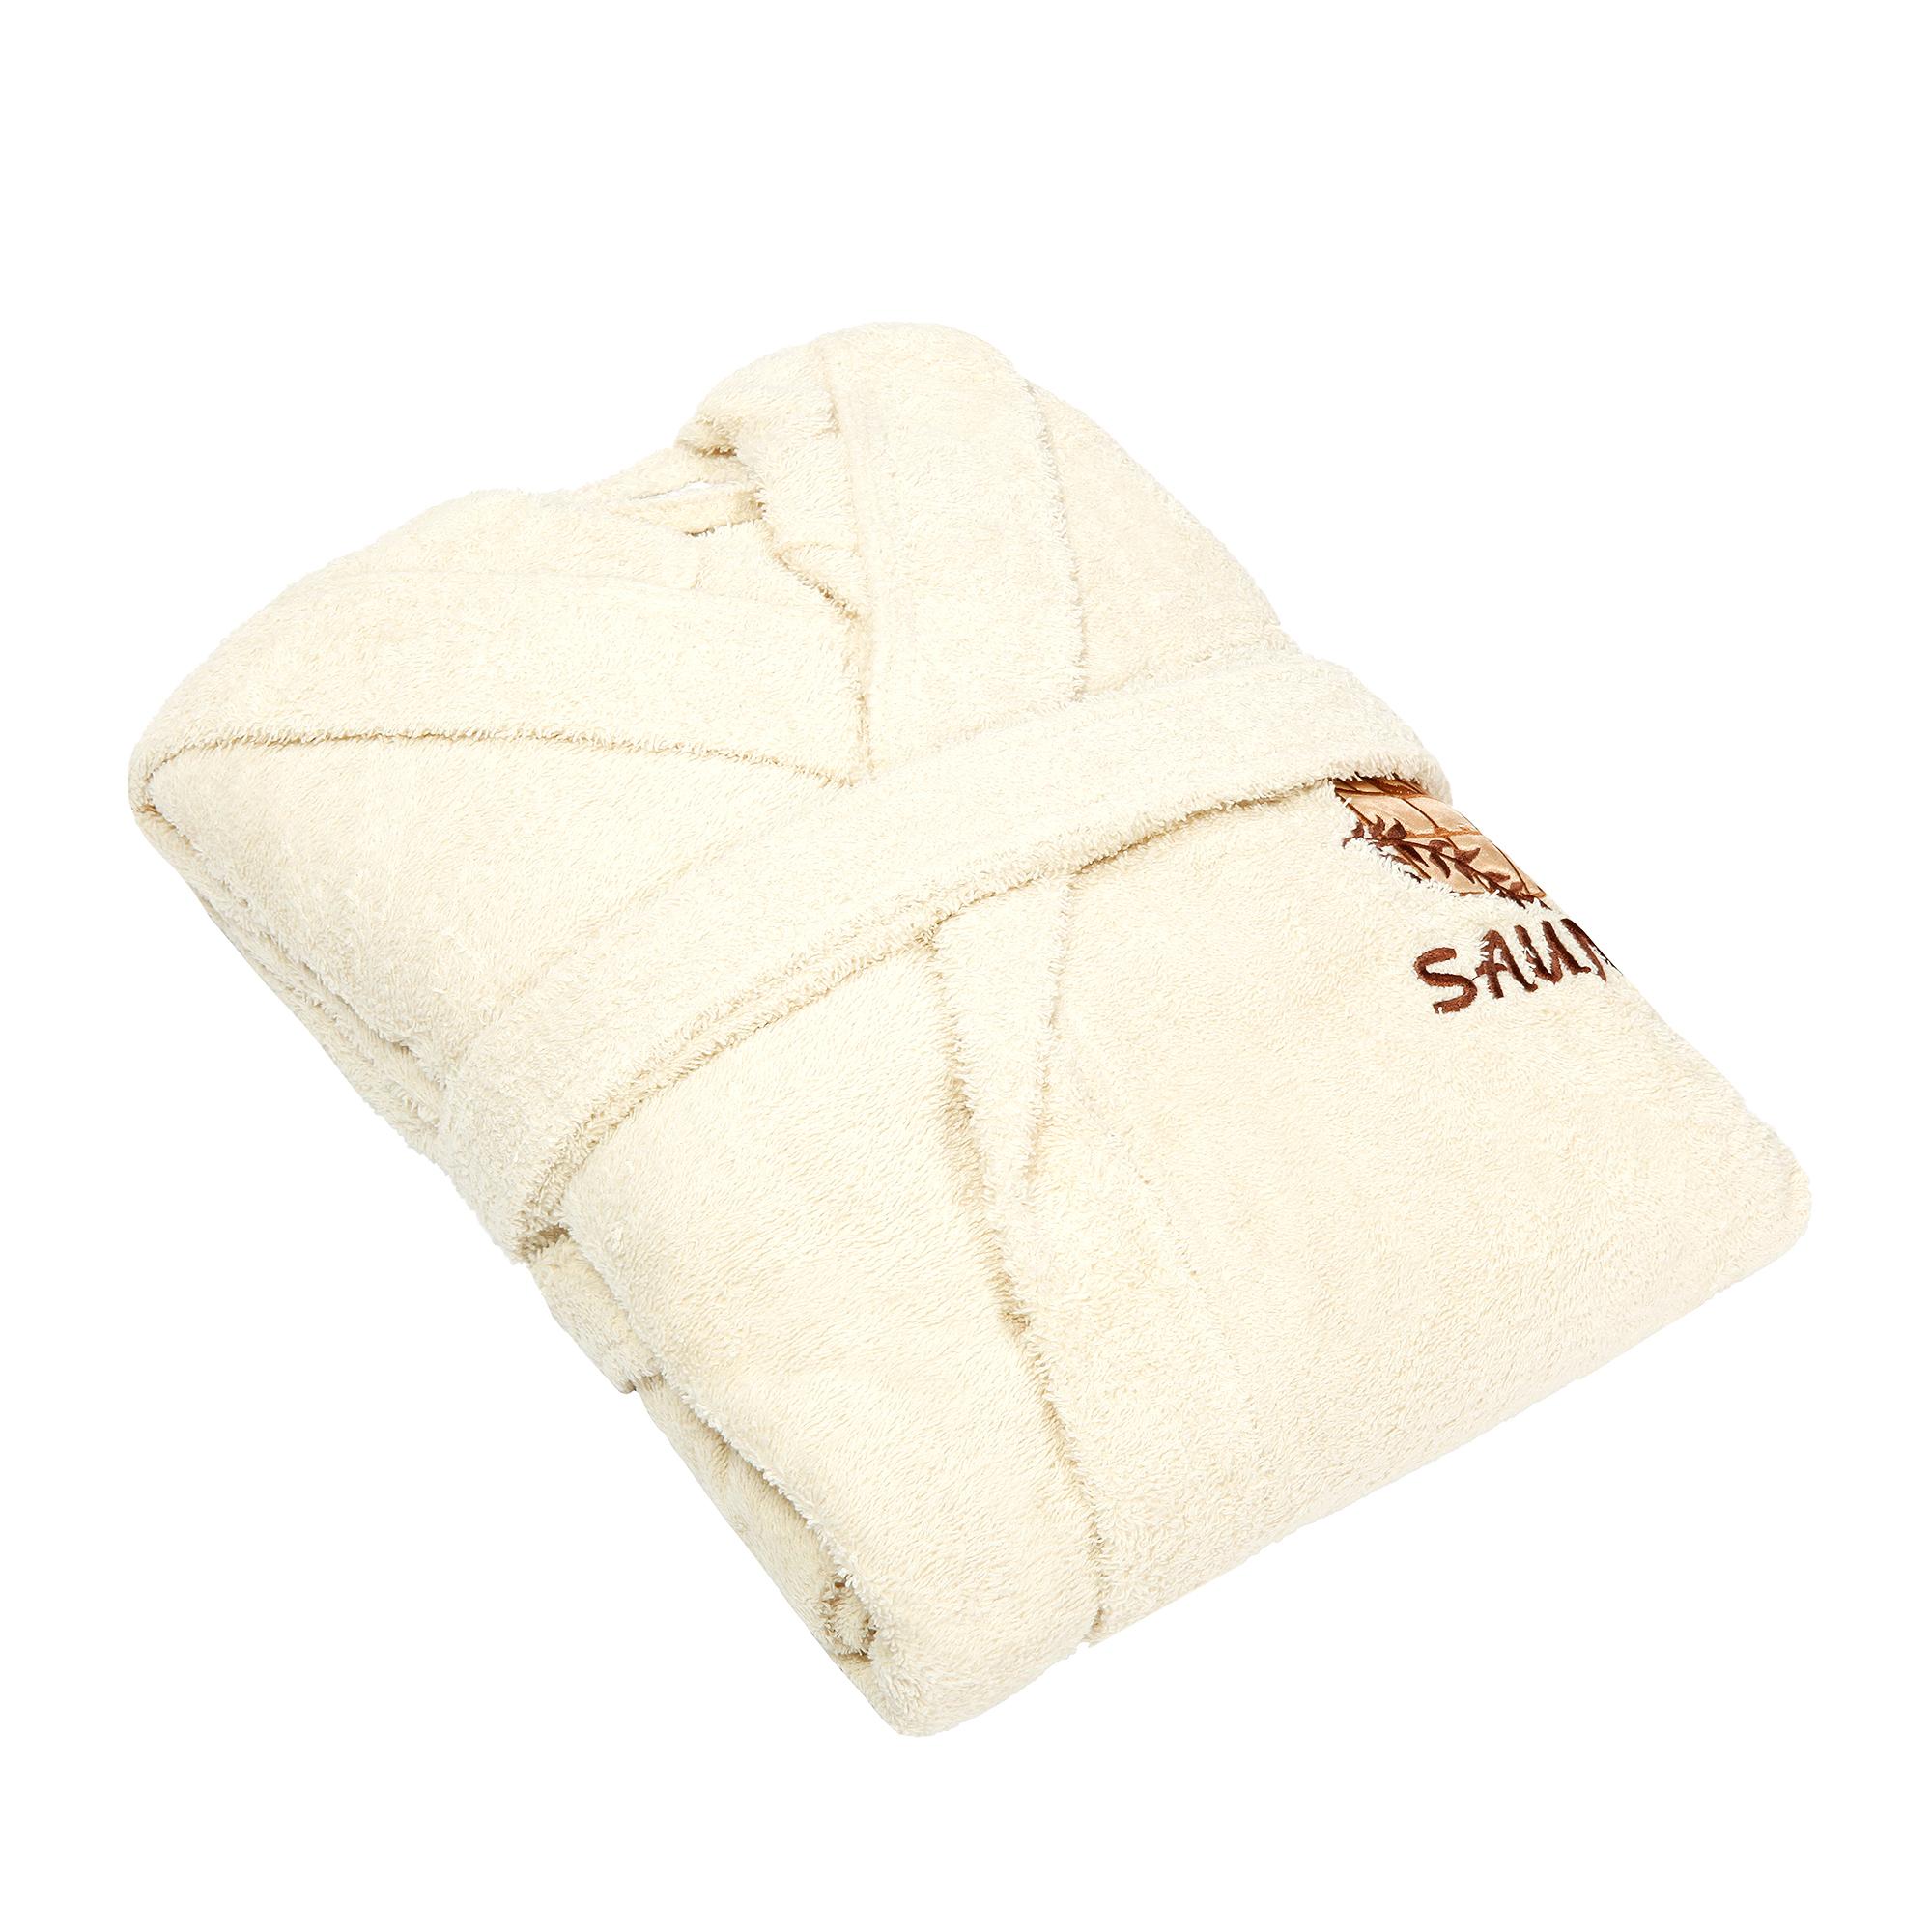 Фото - Халат жен sauna махровый с капюшоном beige xxl 82025031 халат махровый asil двухсторонний xxl темно синий